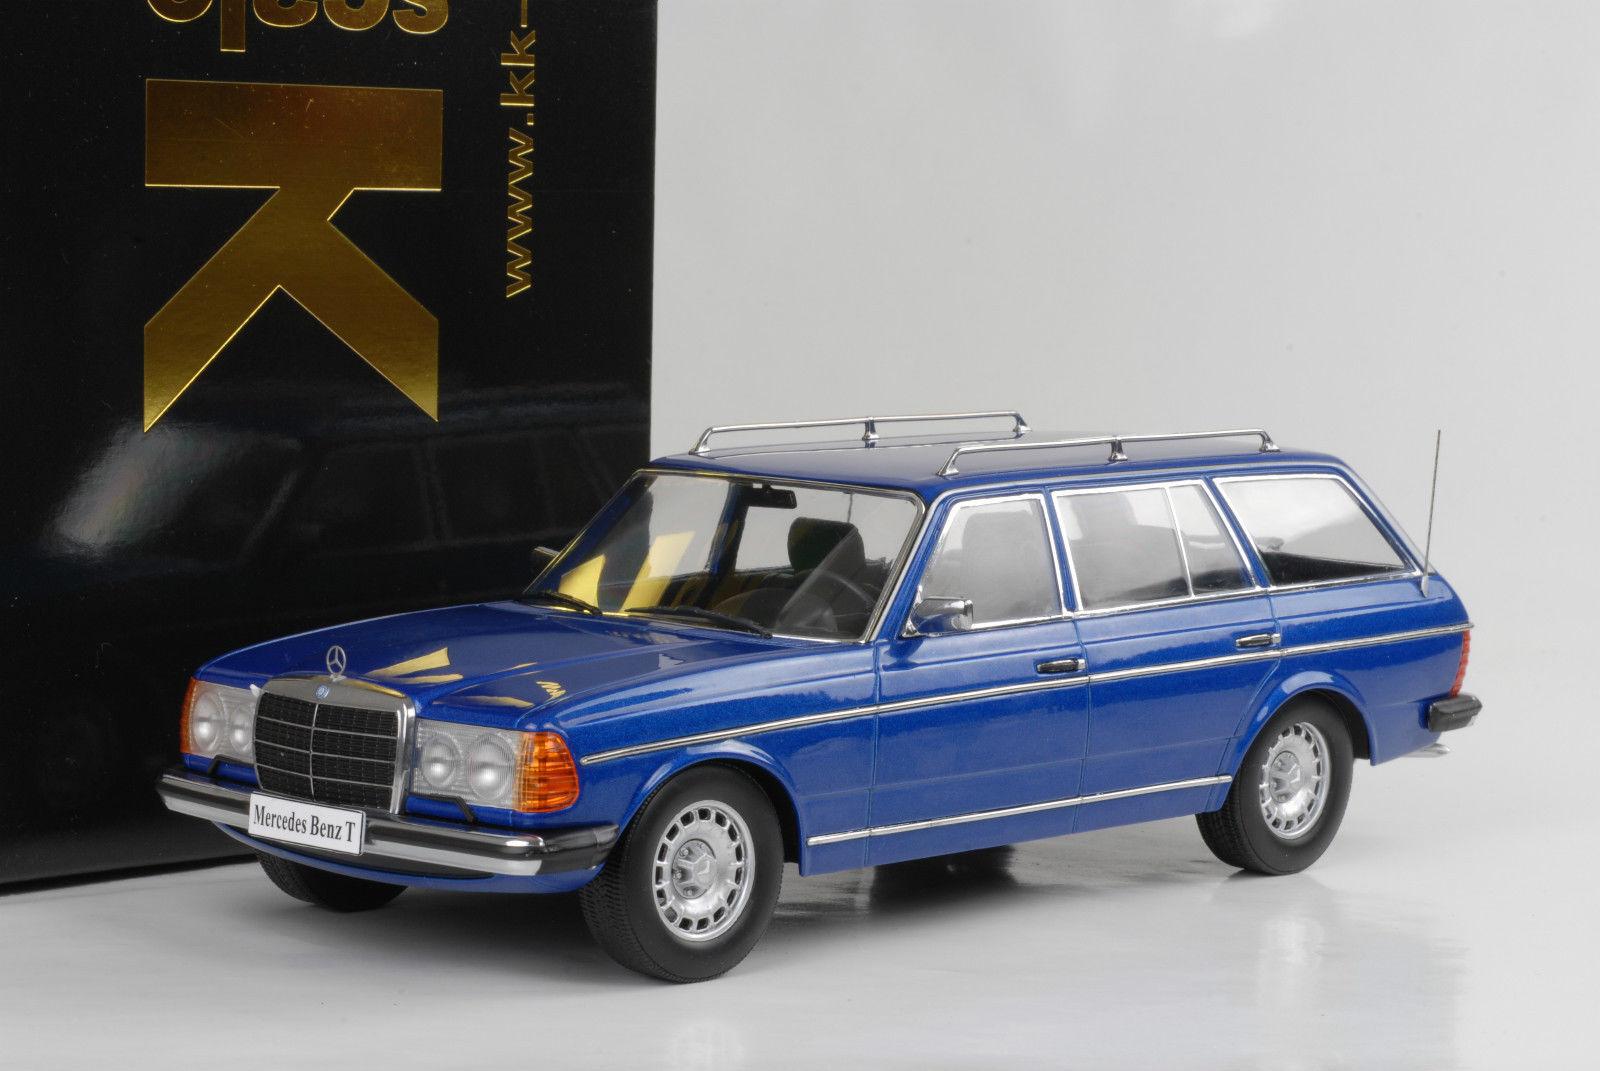 MERCEDES-BENZ 250 T 1978 w123 KOMBI Estate bleu Bleu Métallisé 1 18 KK QUALITE